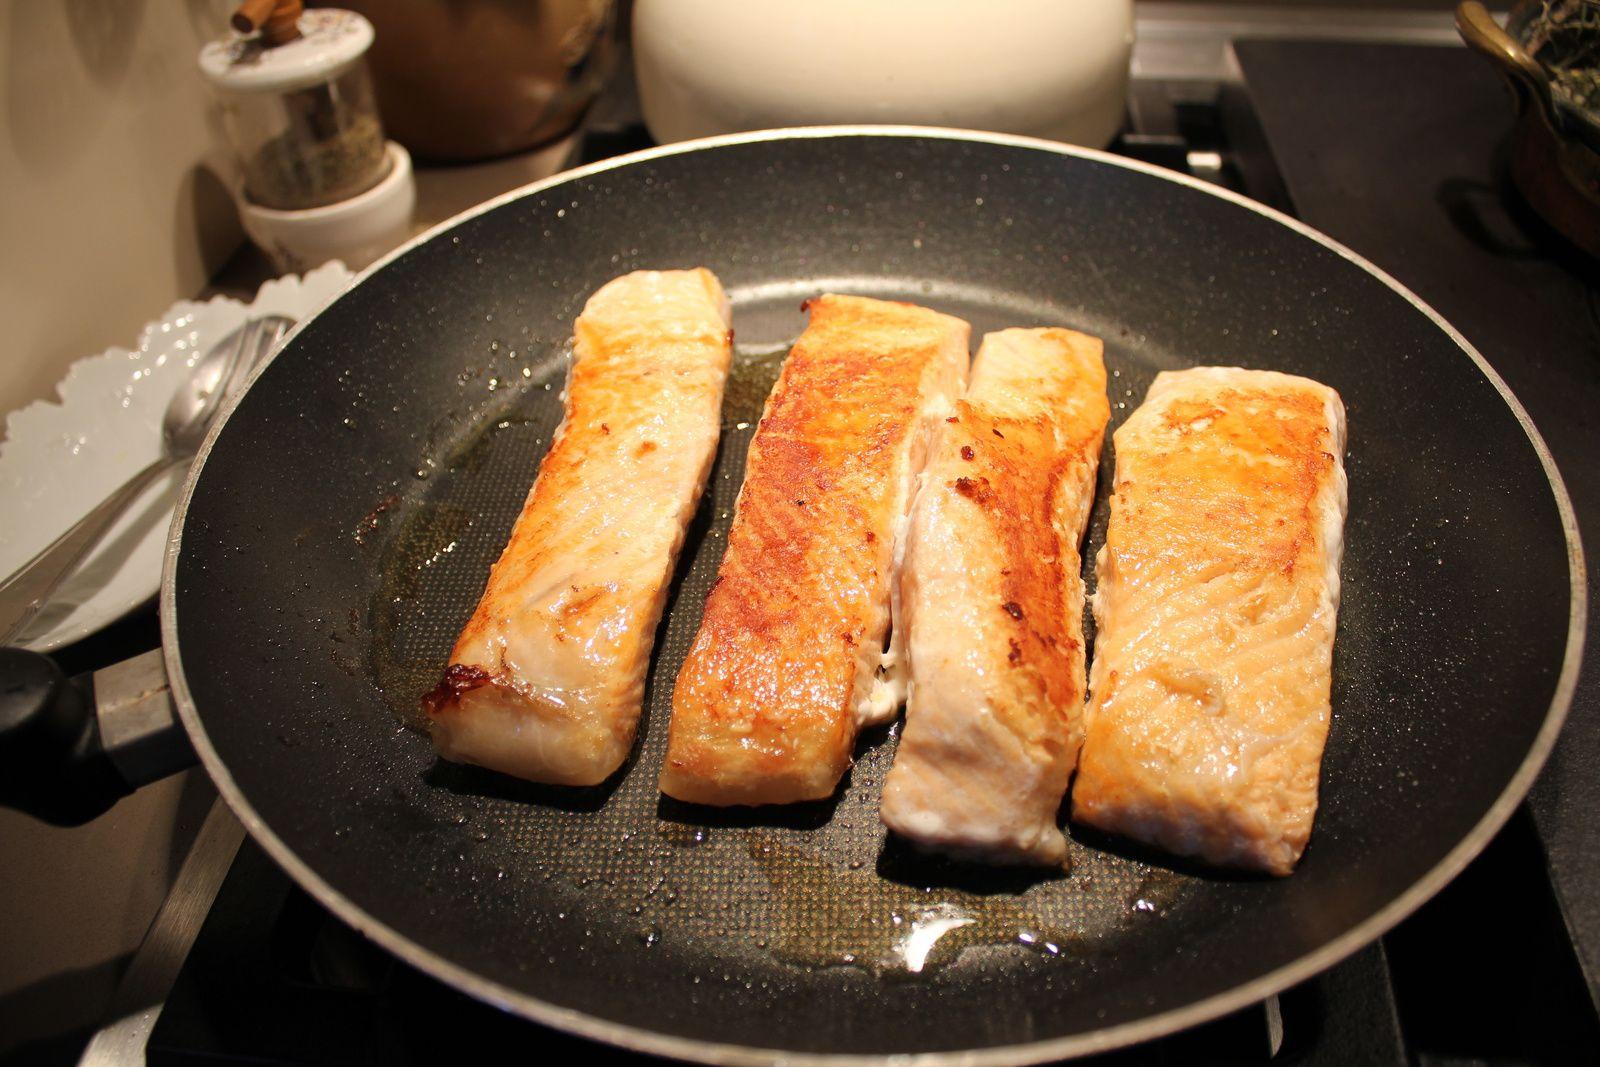 Le haddock cuit dans un mélange eau/lait - cuisson des pavés de saumon - on réchauffe la choucroute avec des fruits de mer - on ajoute les crevettes roses - dressage des assiettes